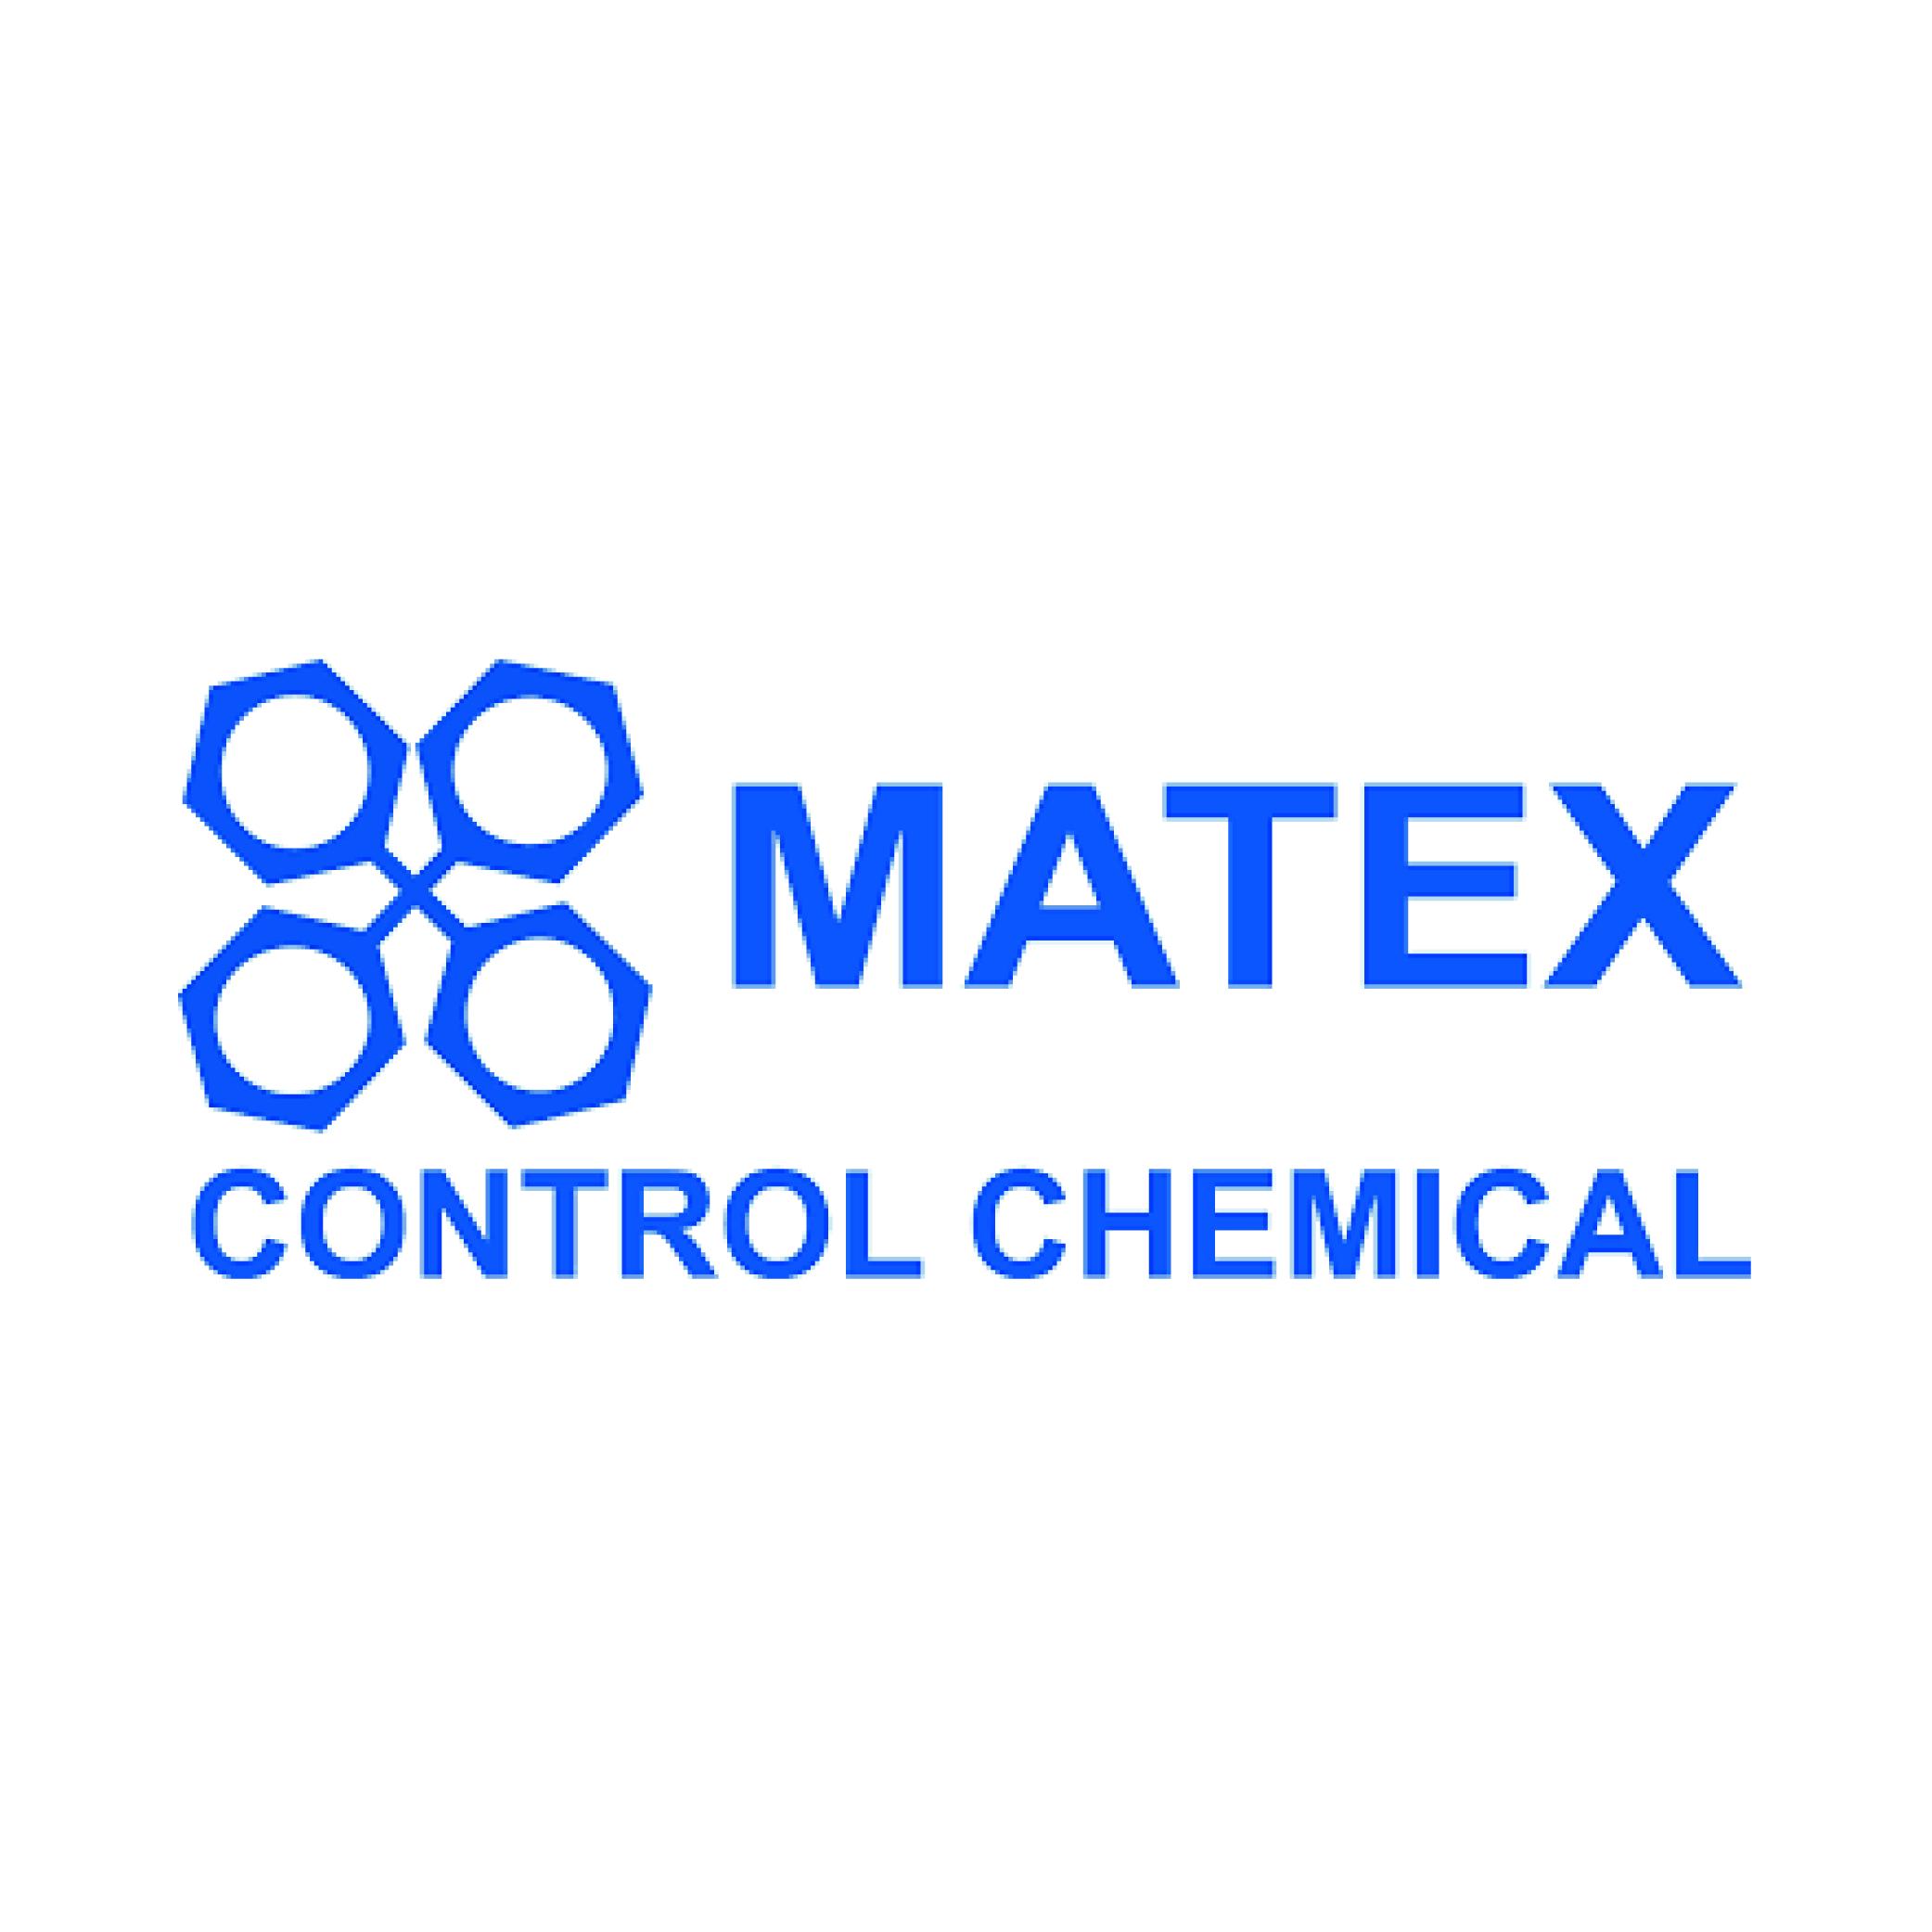 matex_logo.jpg